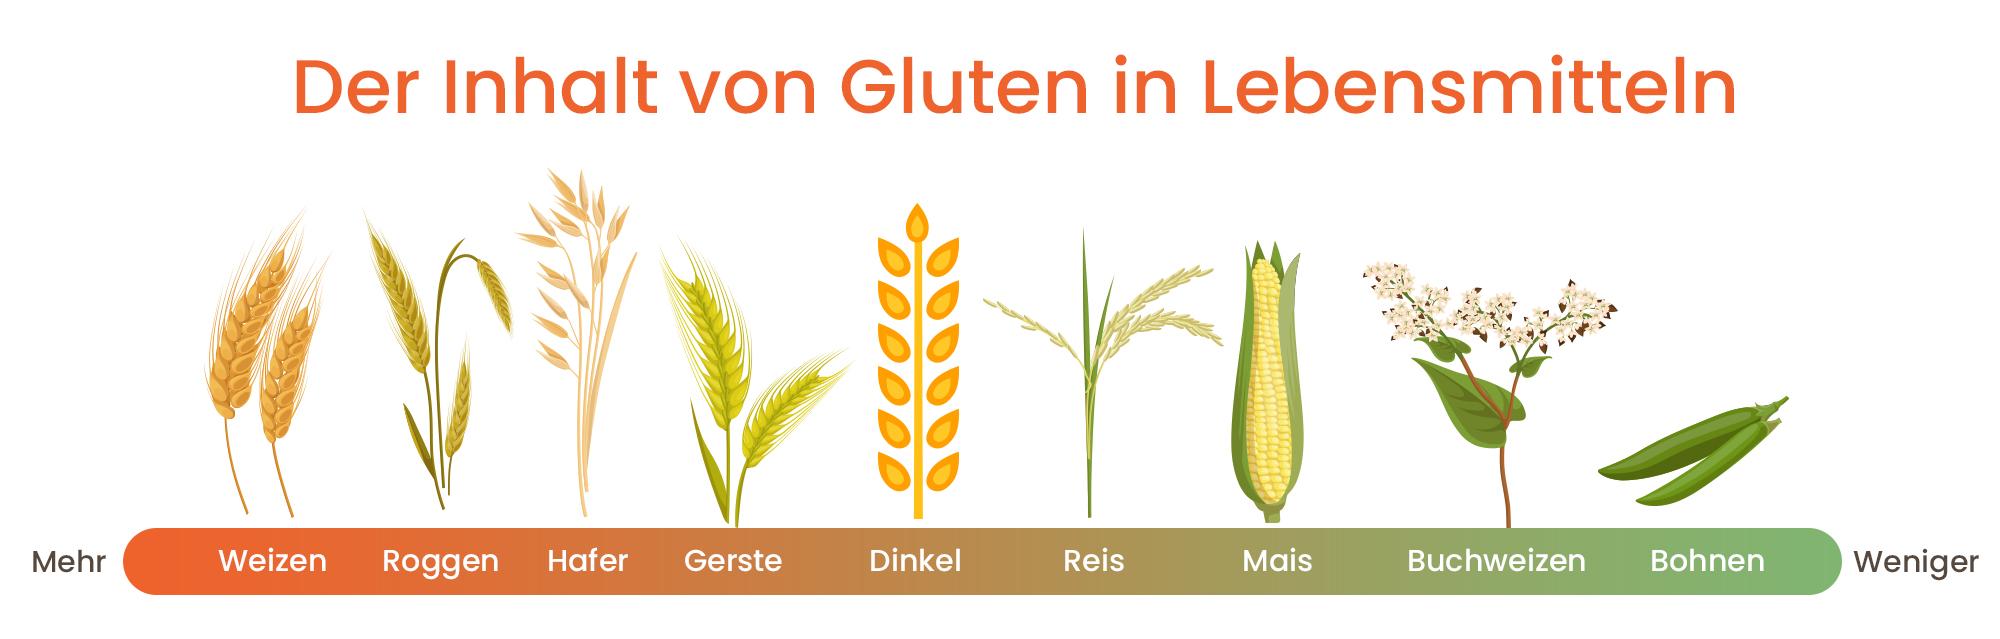 Gluten Infografik